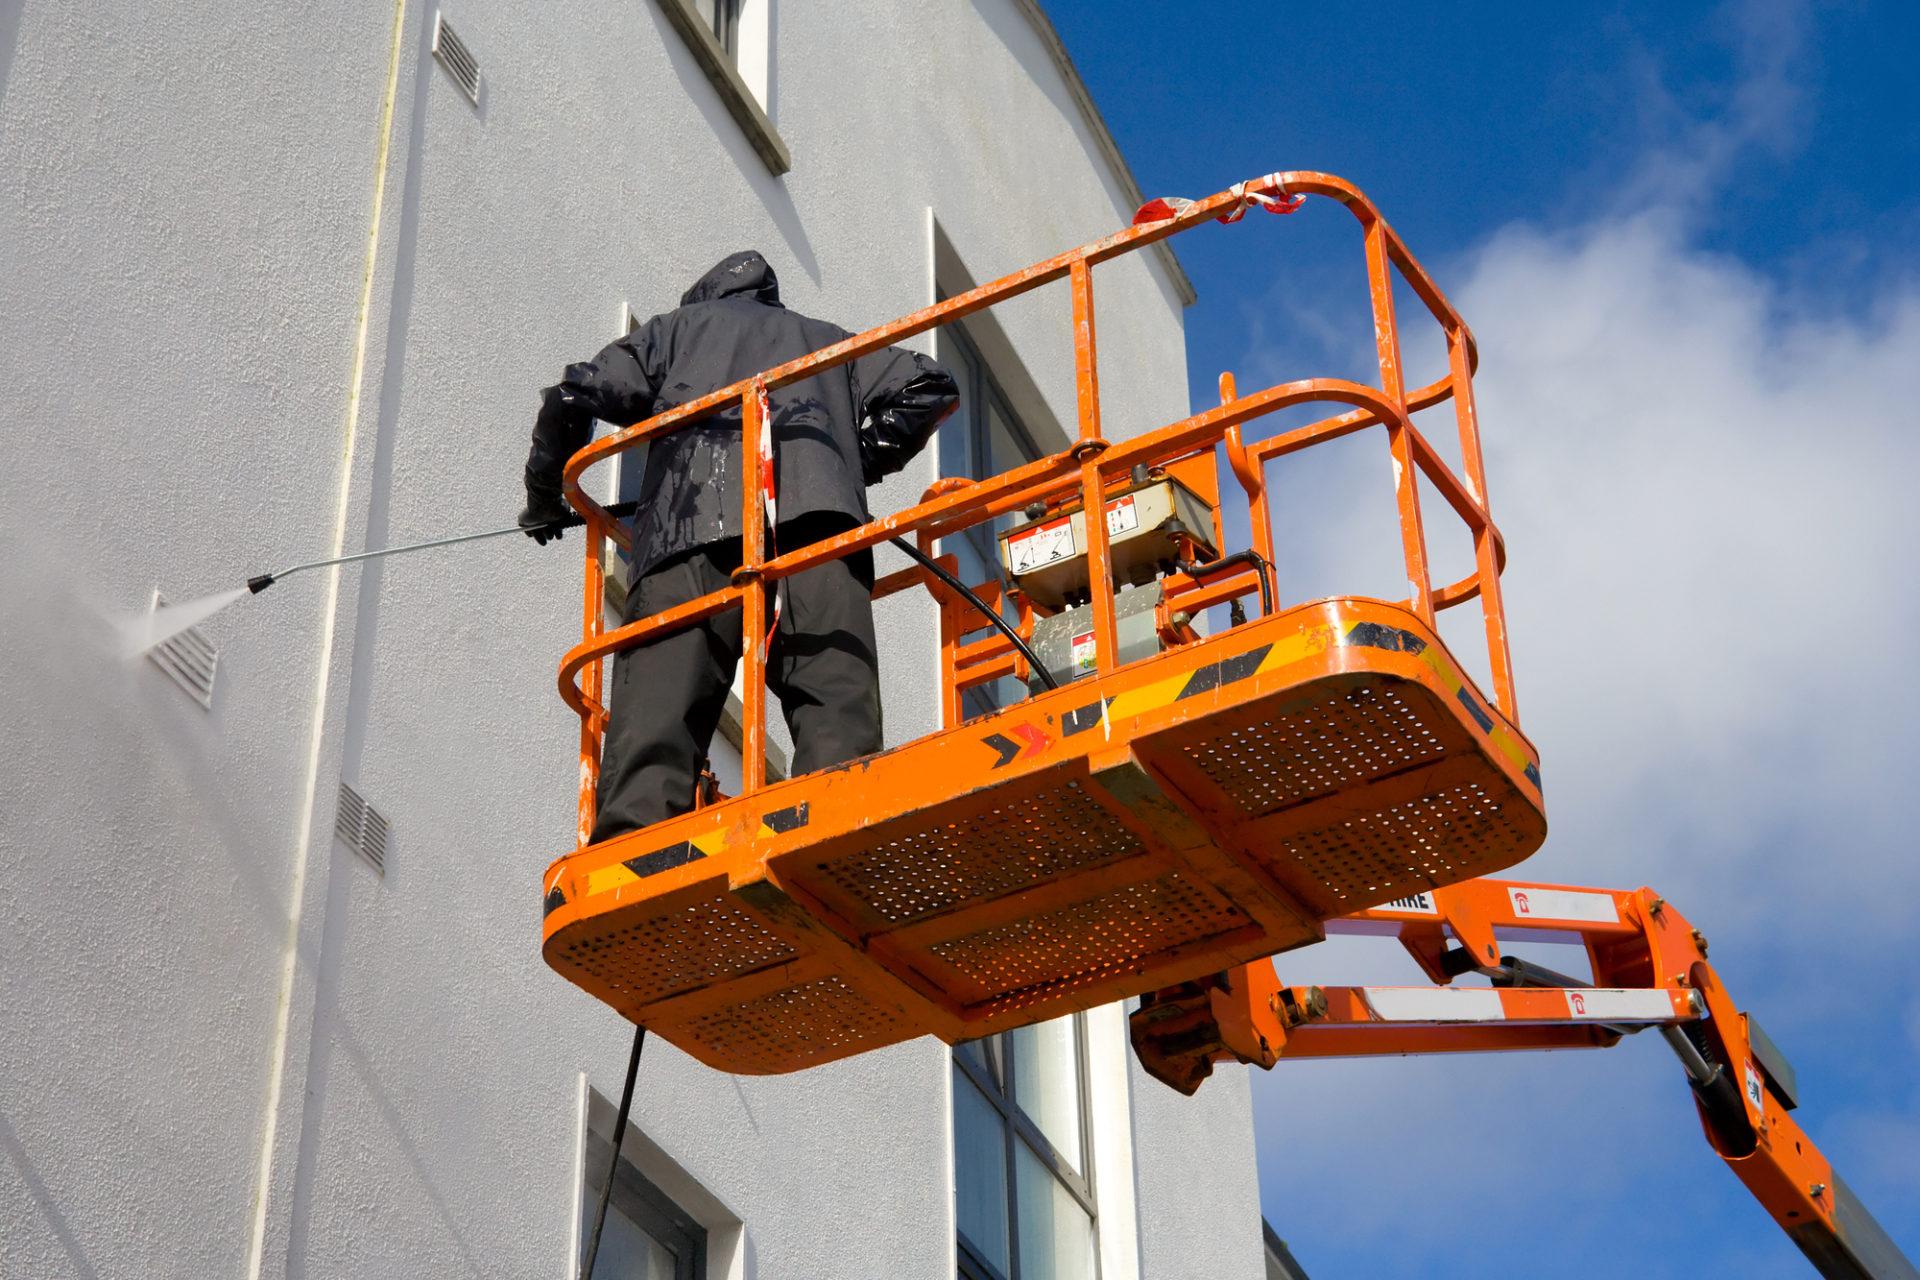 woker in platform wash a building